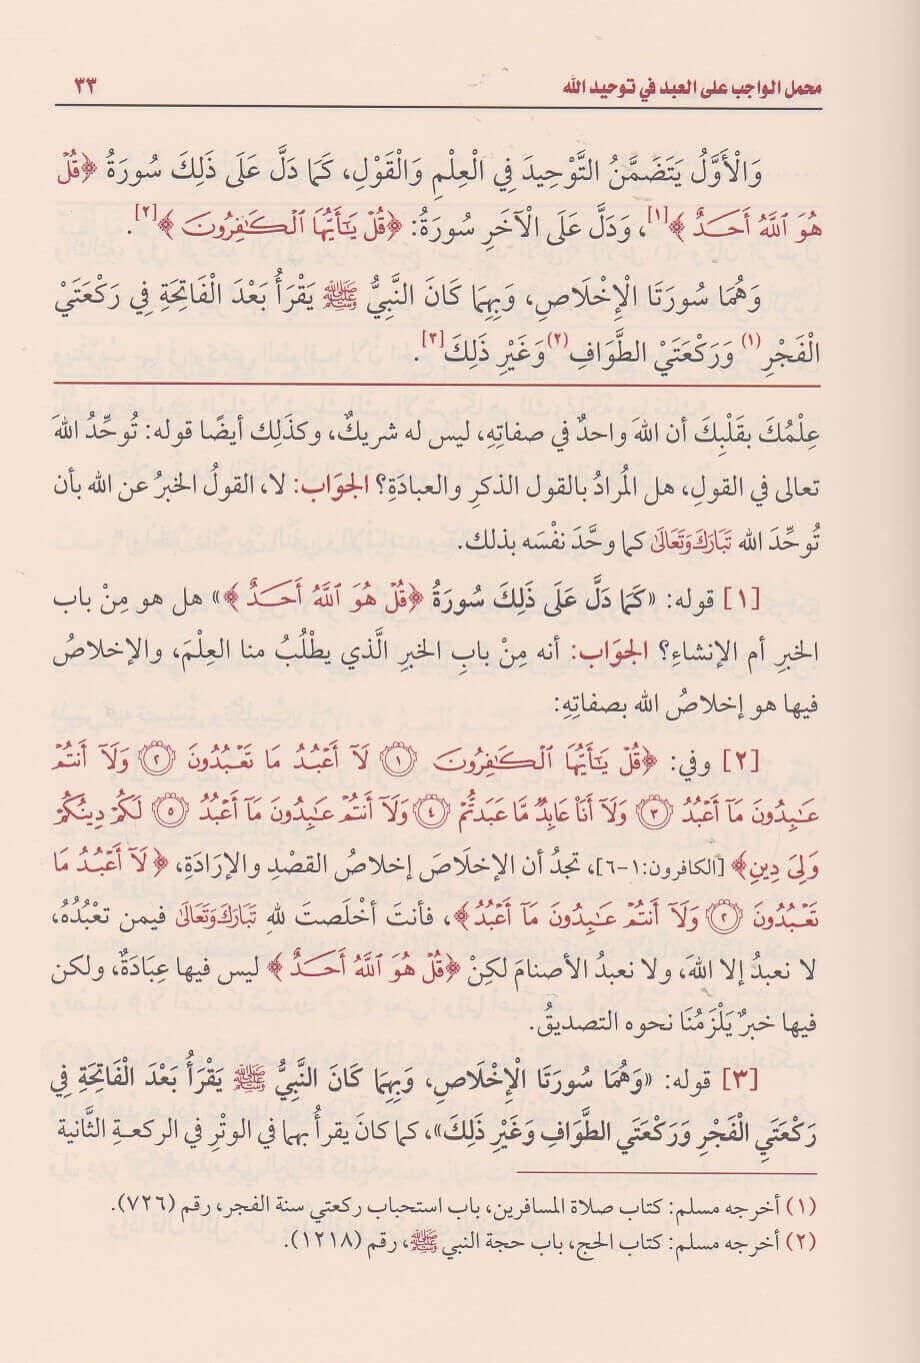 شرح العقيدة التدمرية ابن تيمية محمد بن صالح العثيمين Safinat Ul Najat